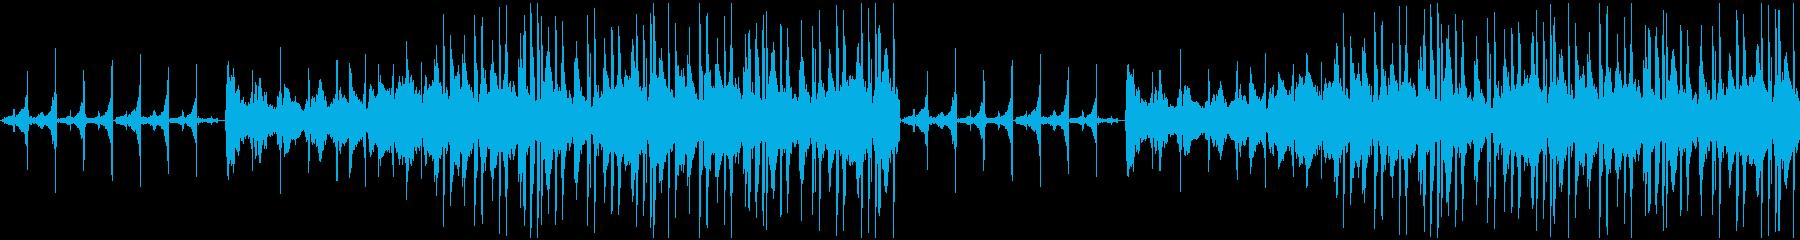 逆再生したゲームに合うビートの再生済みの波形